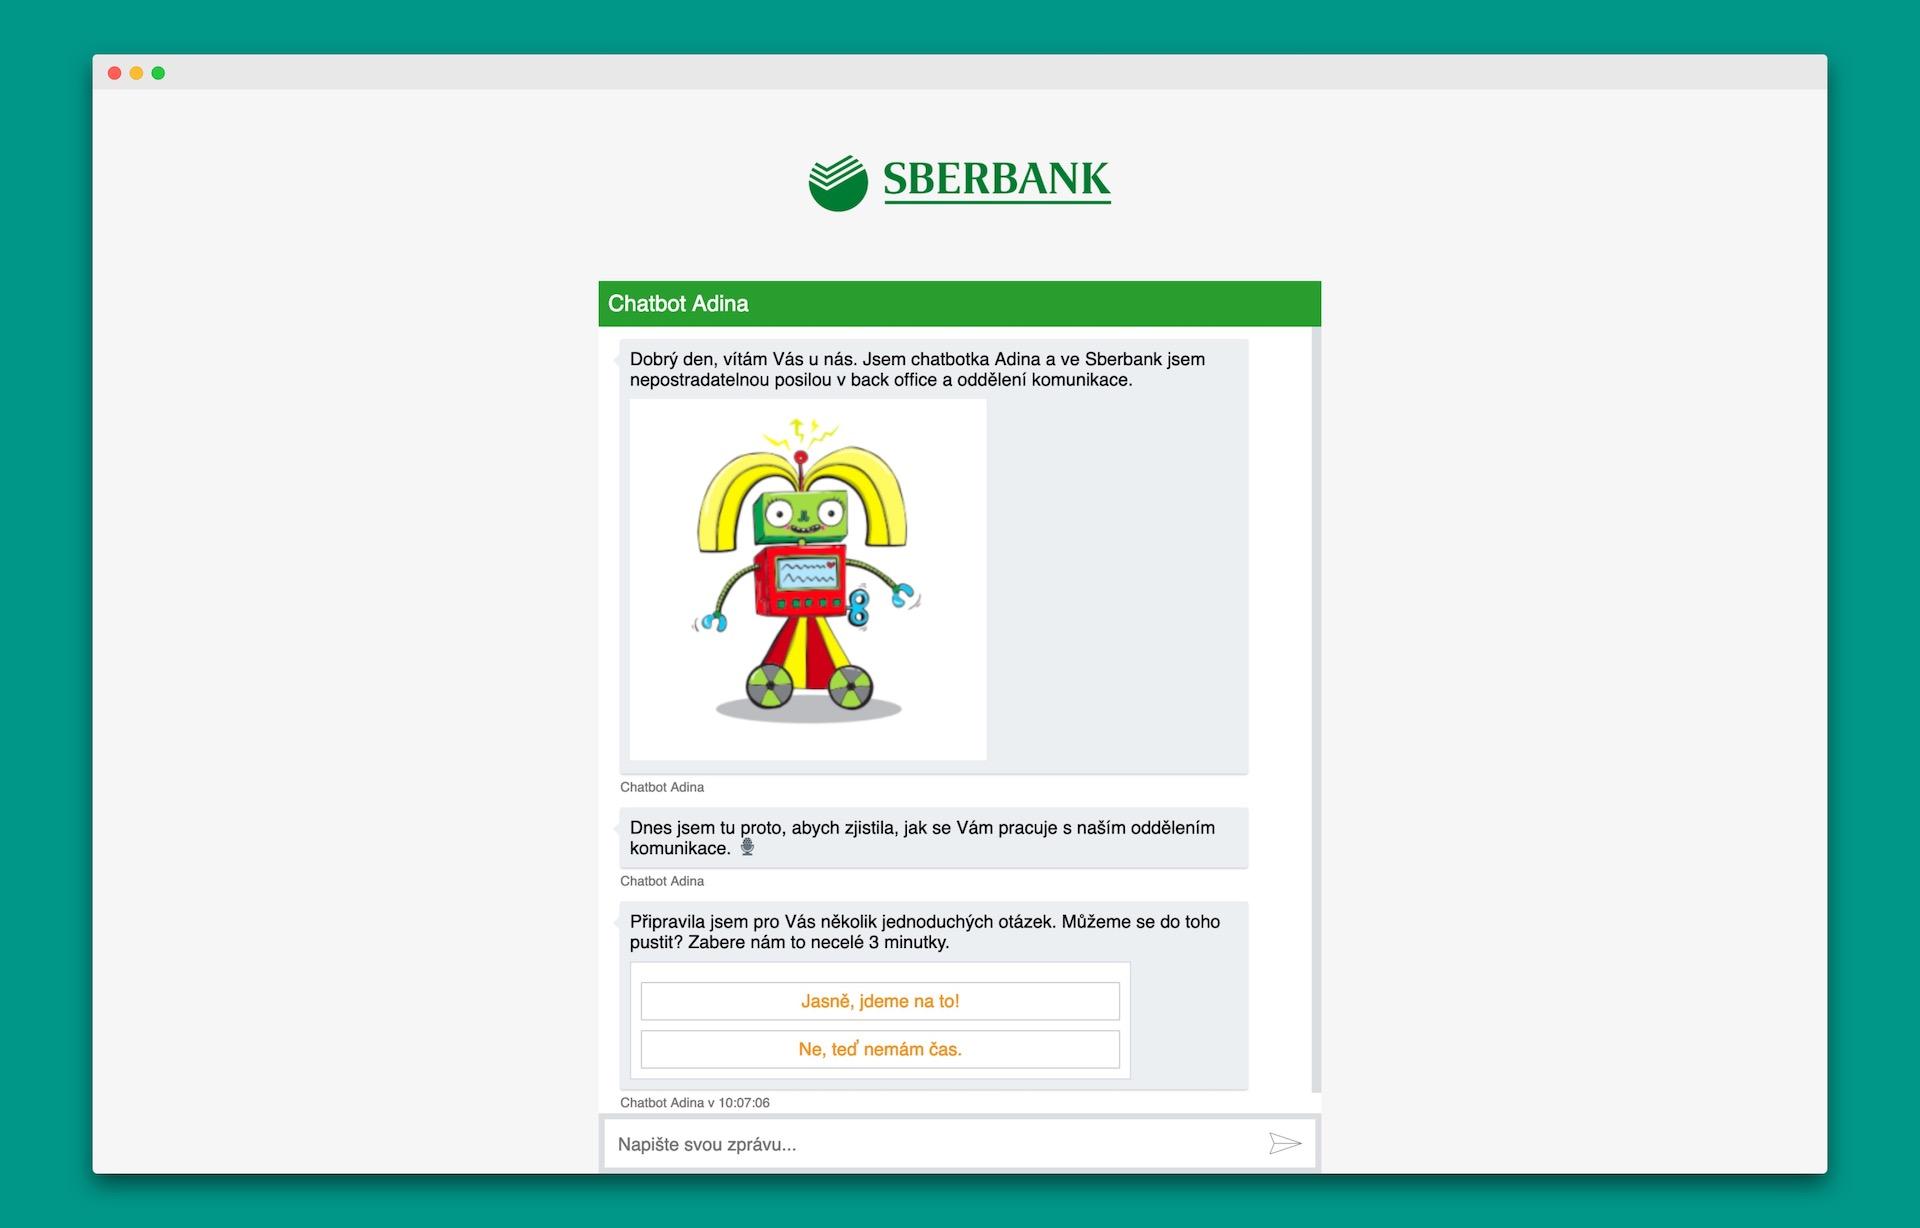 Pro Sberbank již Feedyou vytvořilo chatbota přes nový agenturní model